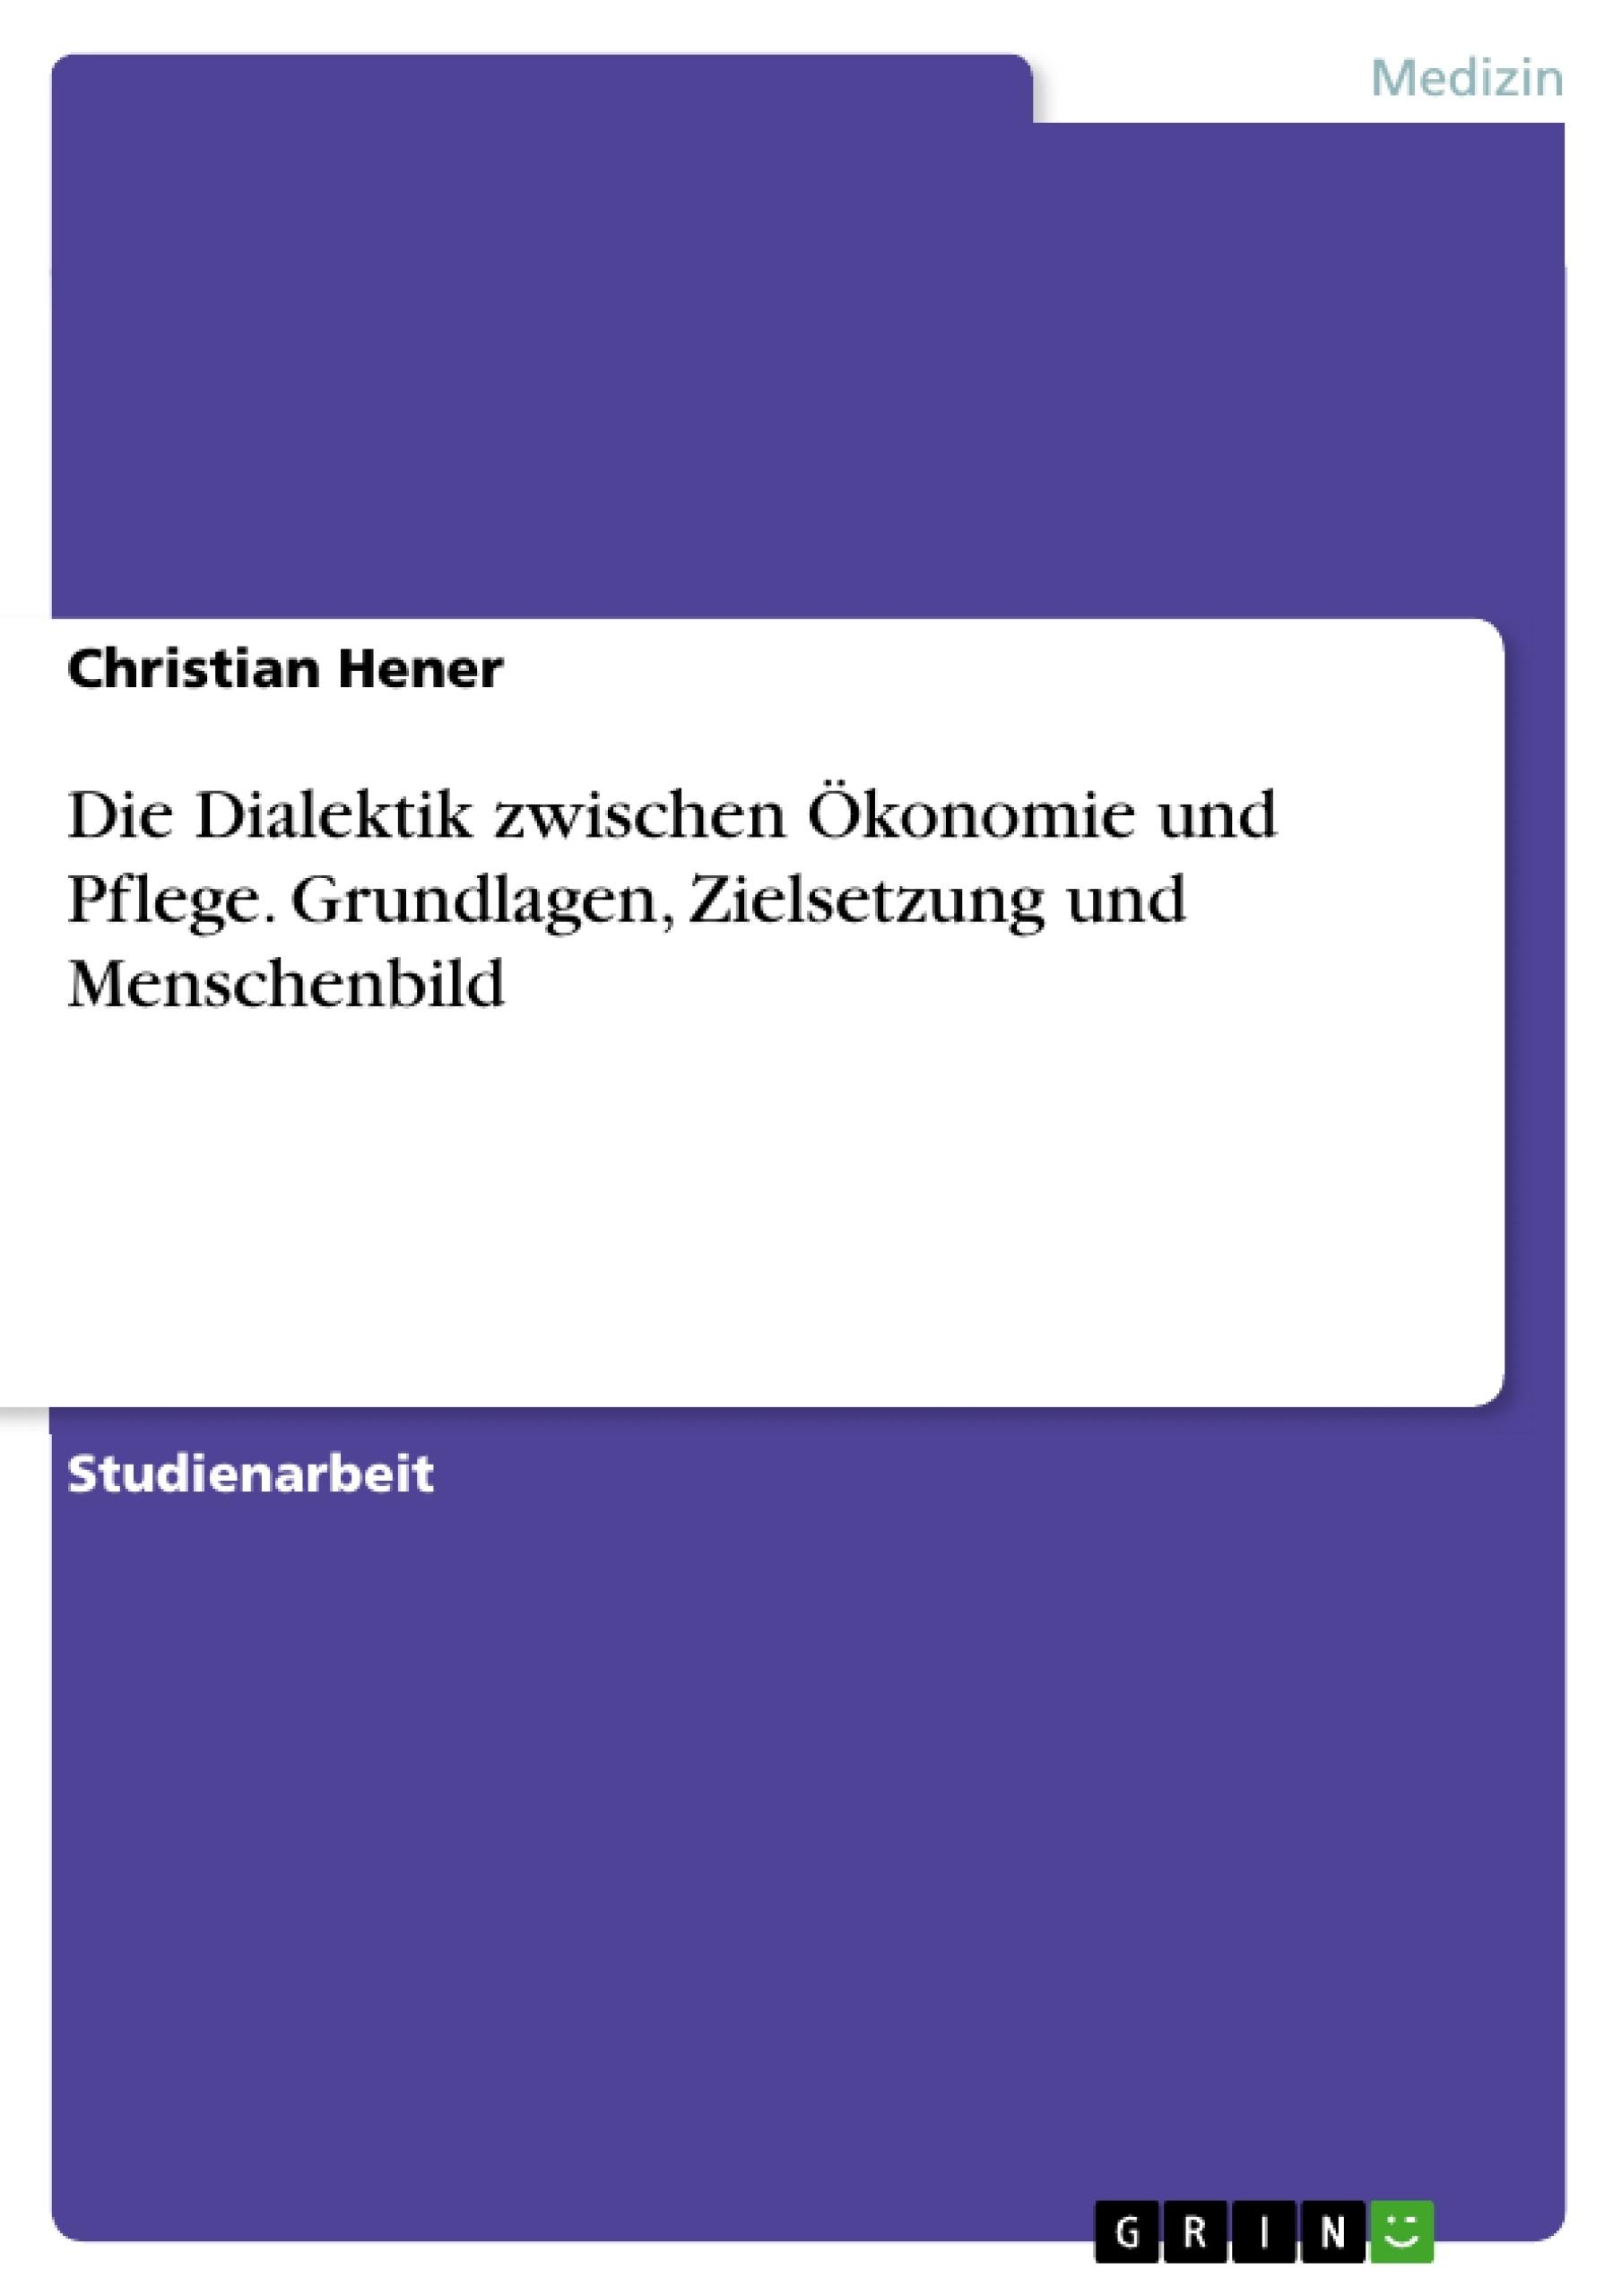 Titel: Die Dialektik zwischen Ökonomie und Pflege. Grundlagen, Zielsetzung und Menschenbild